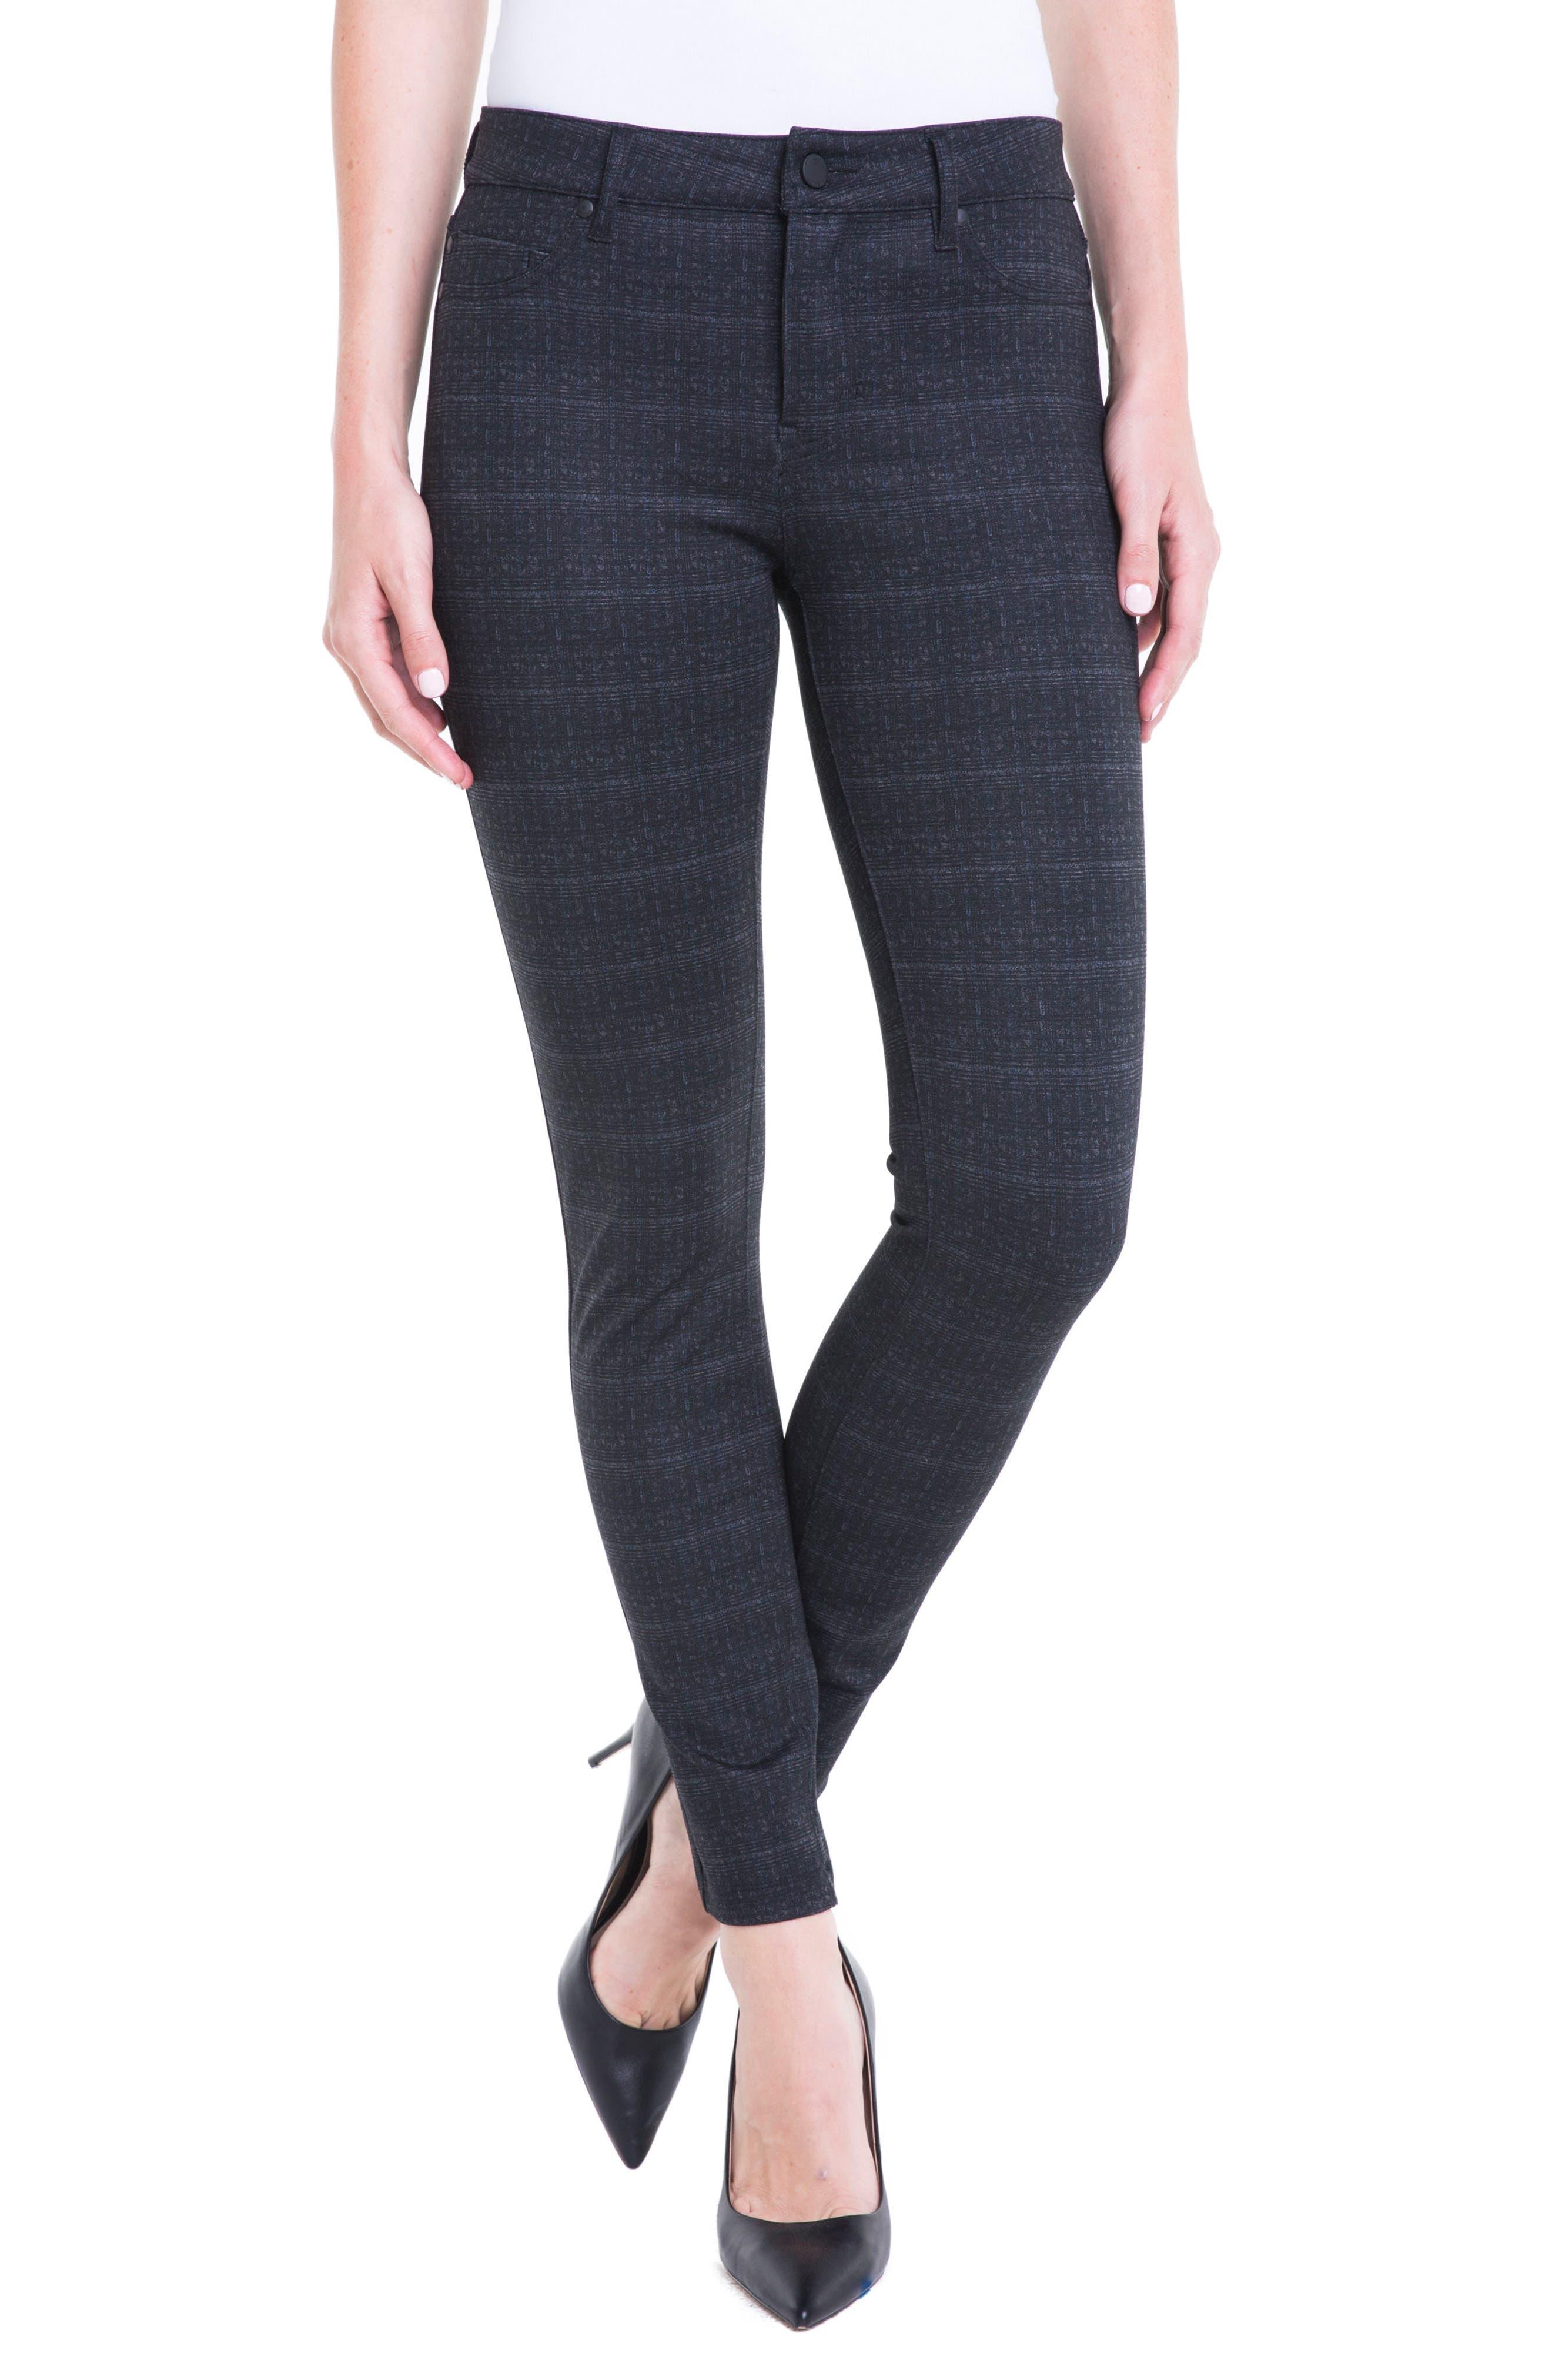 Plaid Super Skinny Ponte Knit Pants,                             Main thumbnail 1, color,                             Charcoal Shadow Plaid